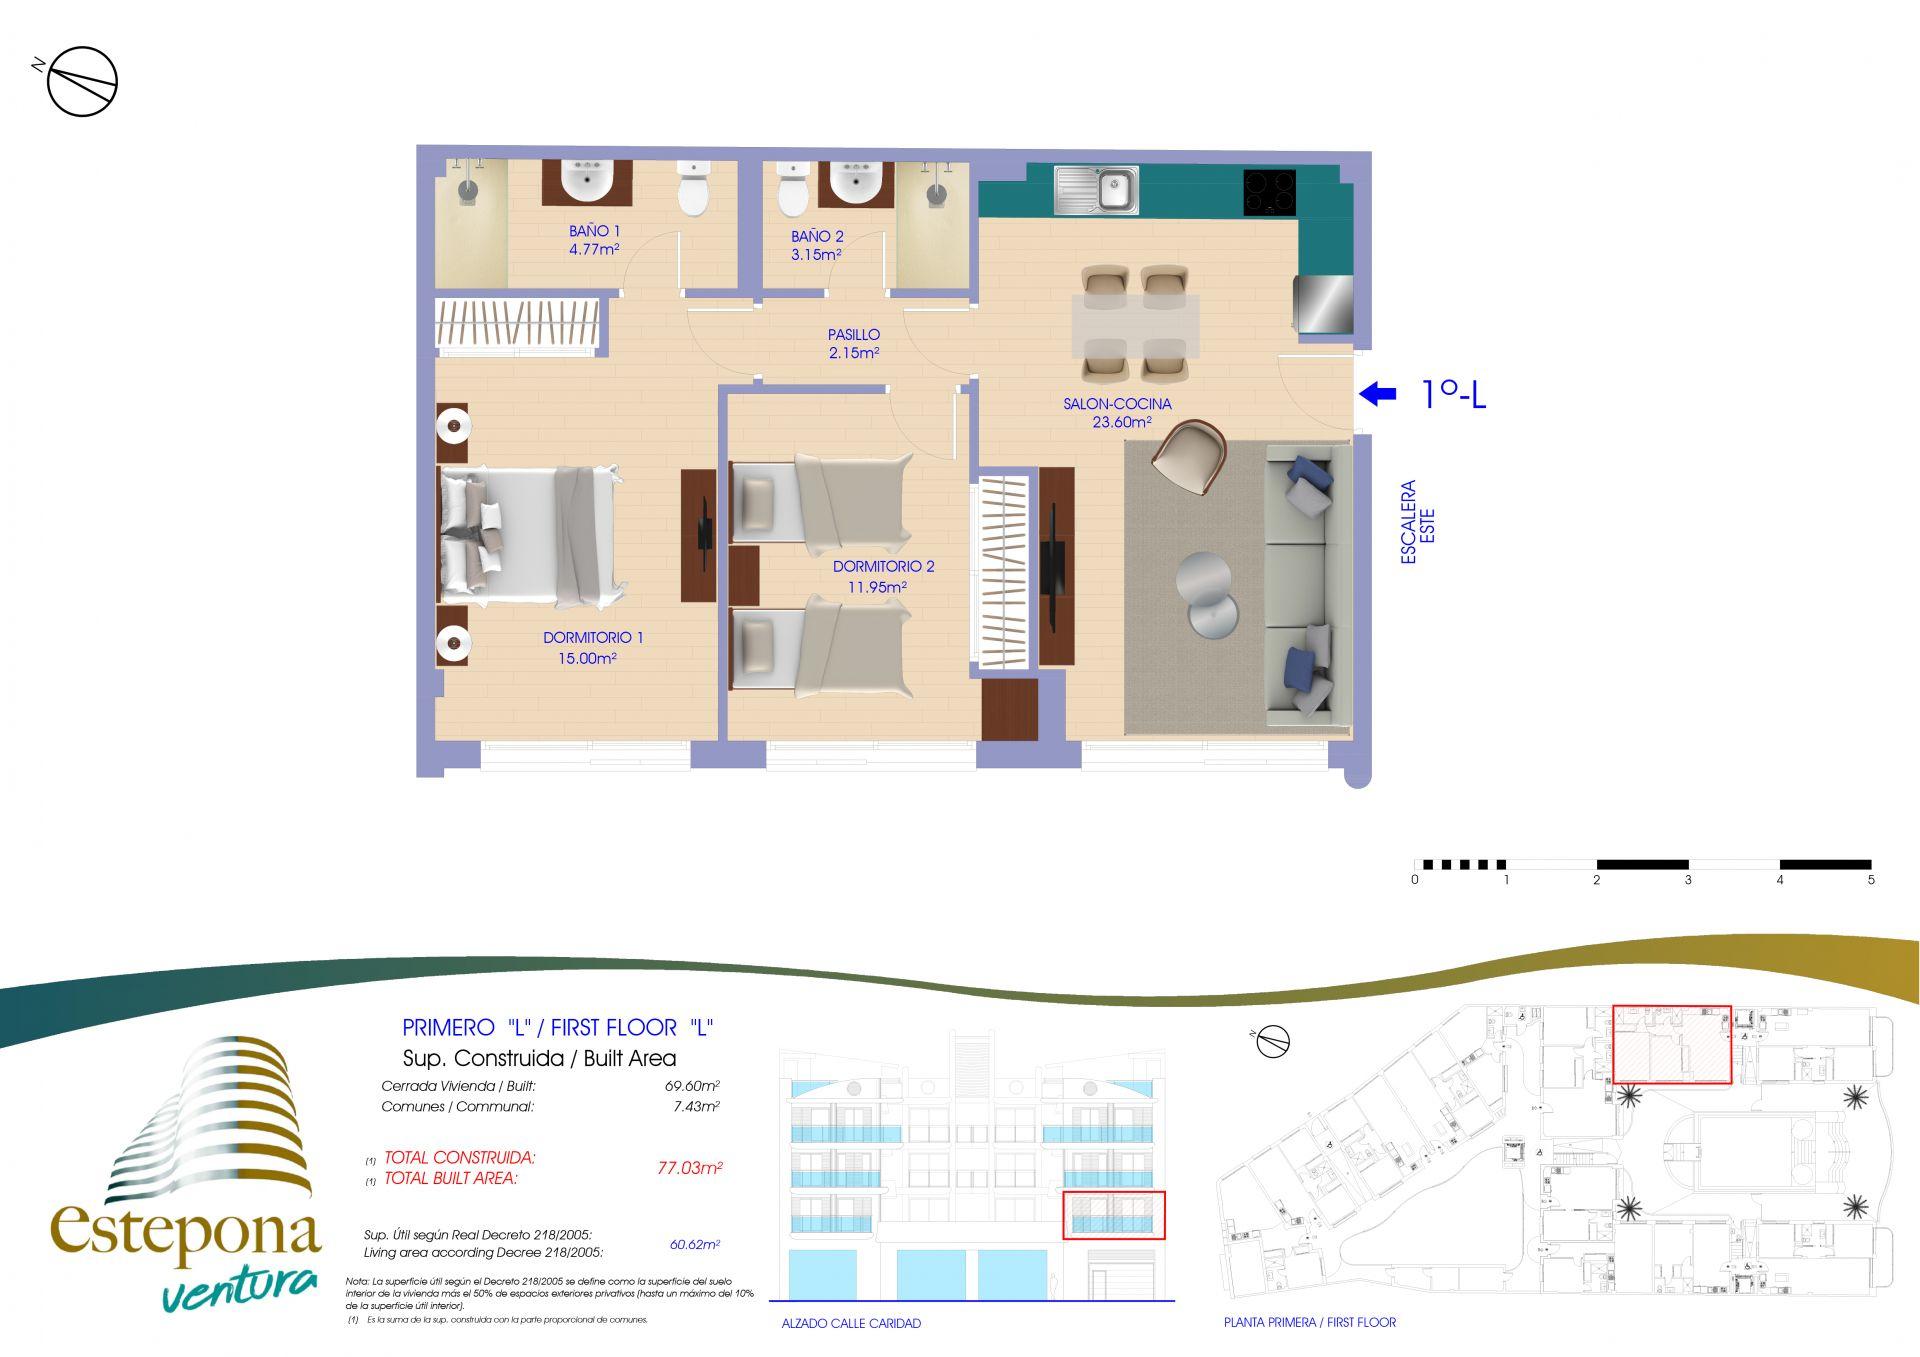 20201221 1º L  - Ventura Estepona | Compra de casa en Estepona